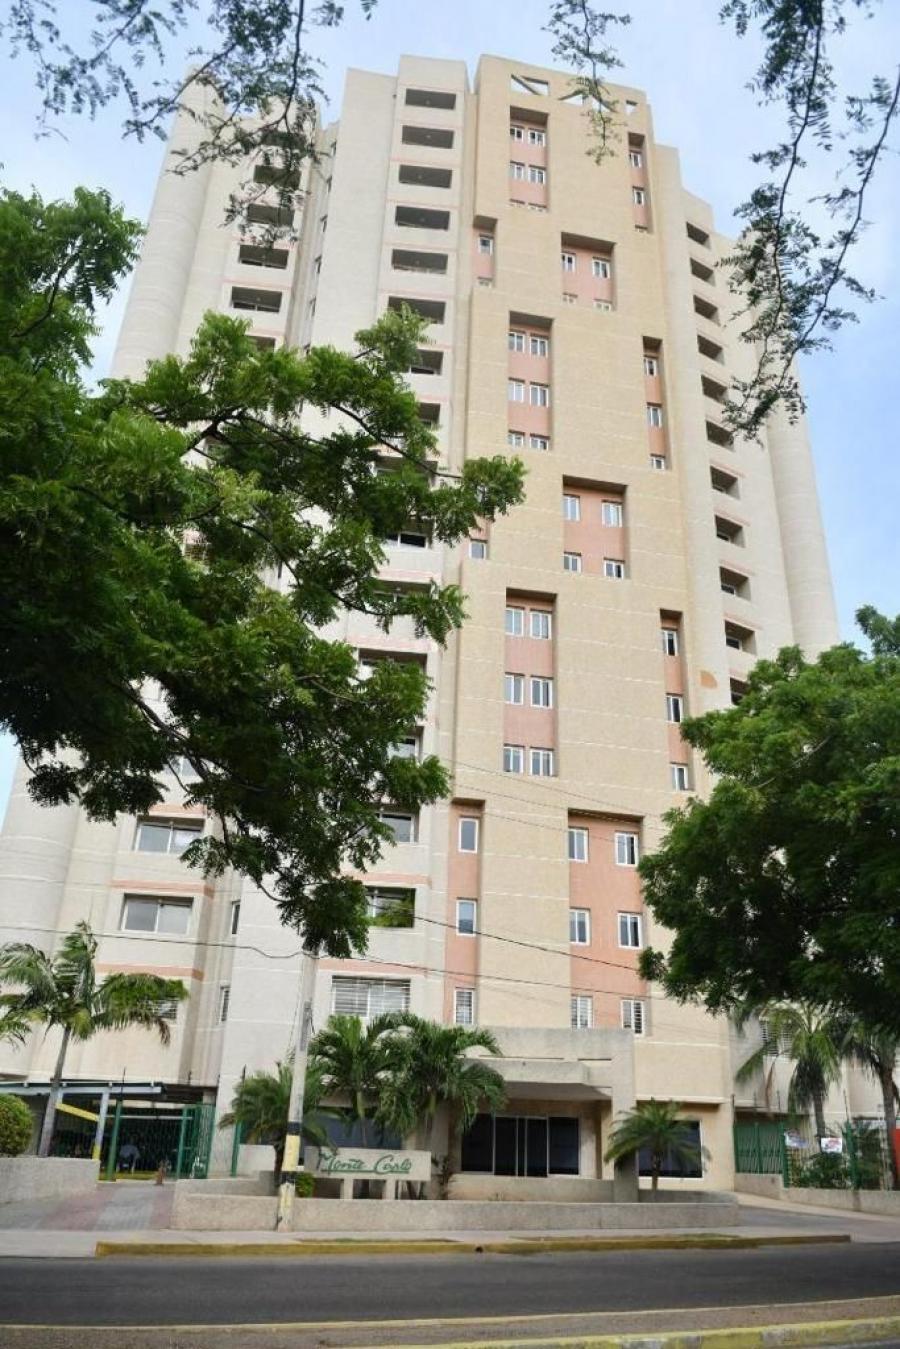 Foto Apartamento en Venta en Maracaibo, Maracaibo, Zulia - U$D 80.000 - APV144483 - BienesOnLine